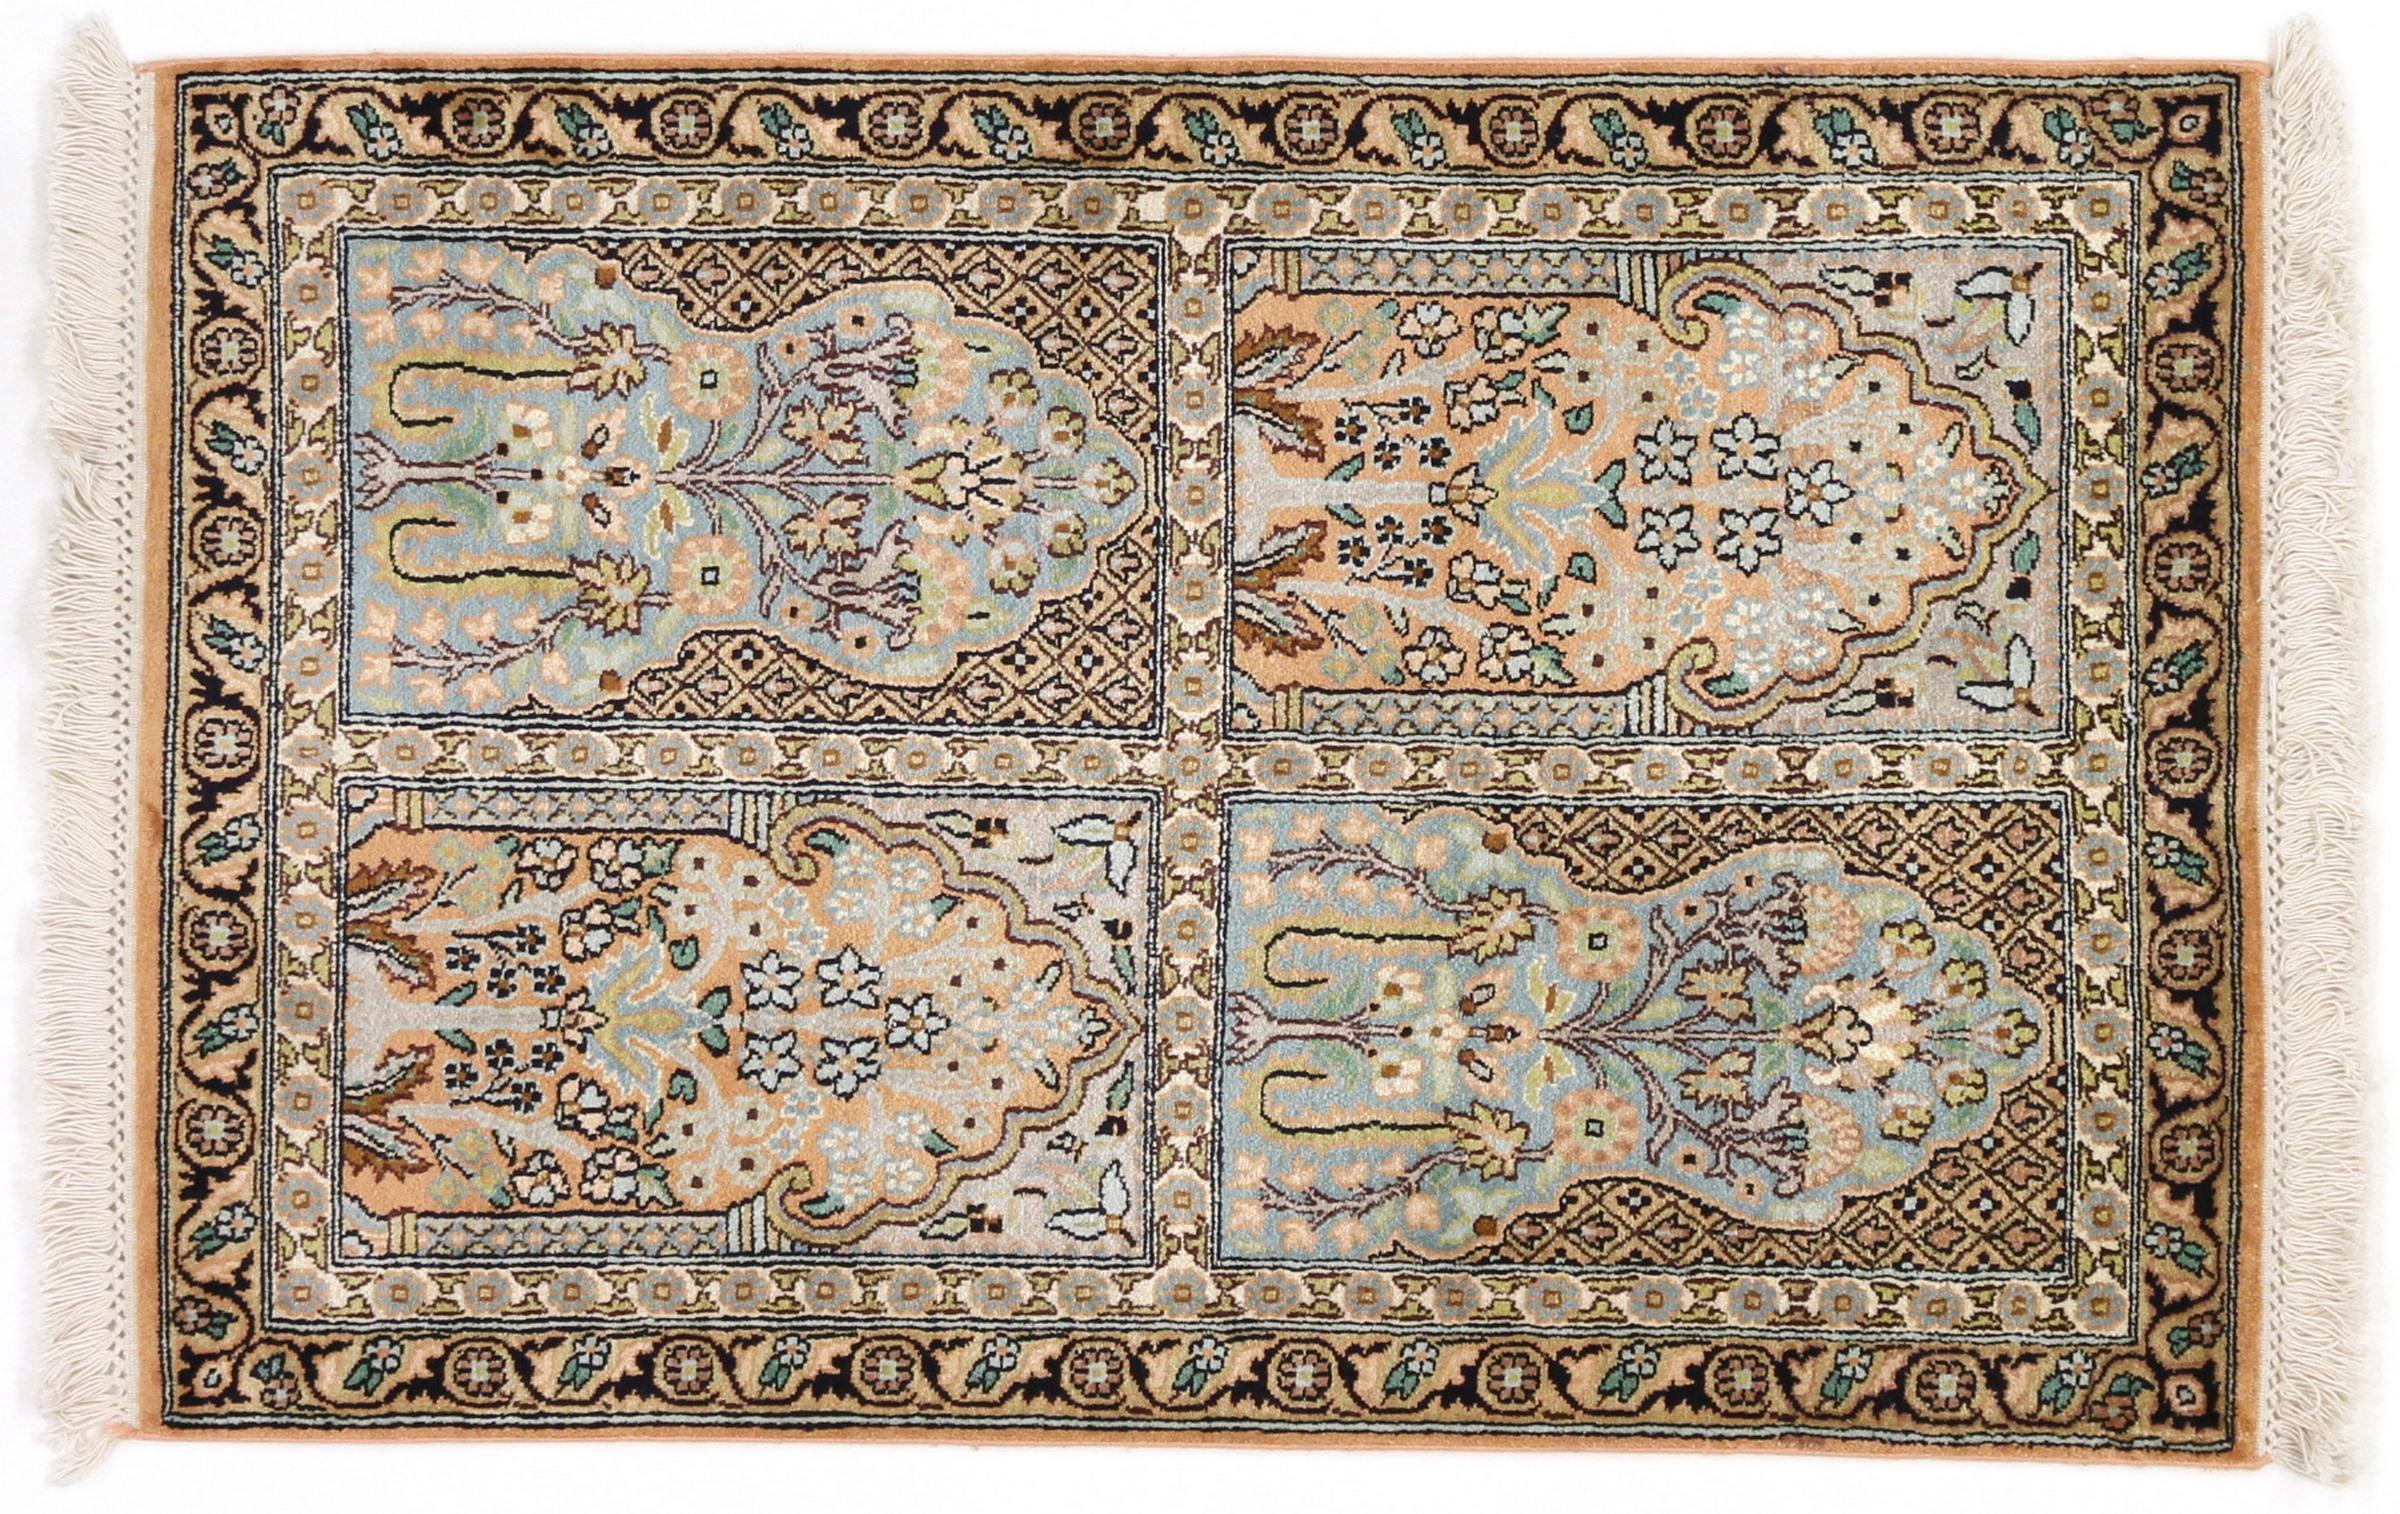 kaschmir reine seide indischer teppich 95x62 id20051. Black Bedroom Furniture Sets. Home Design Ideas